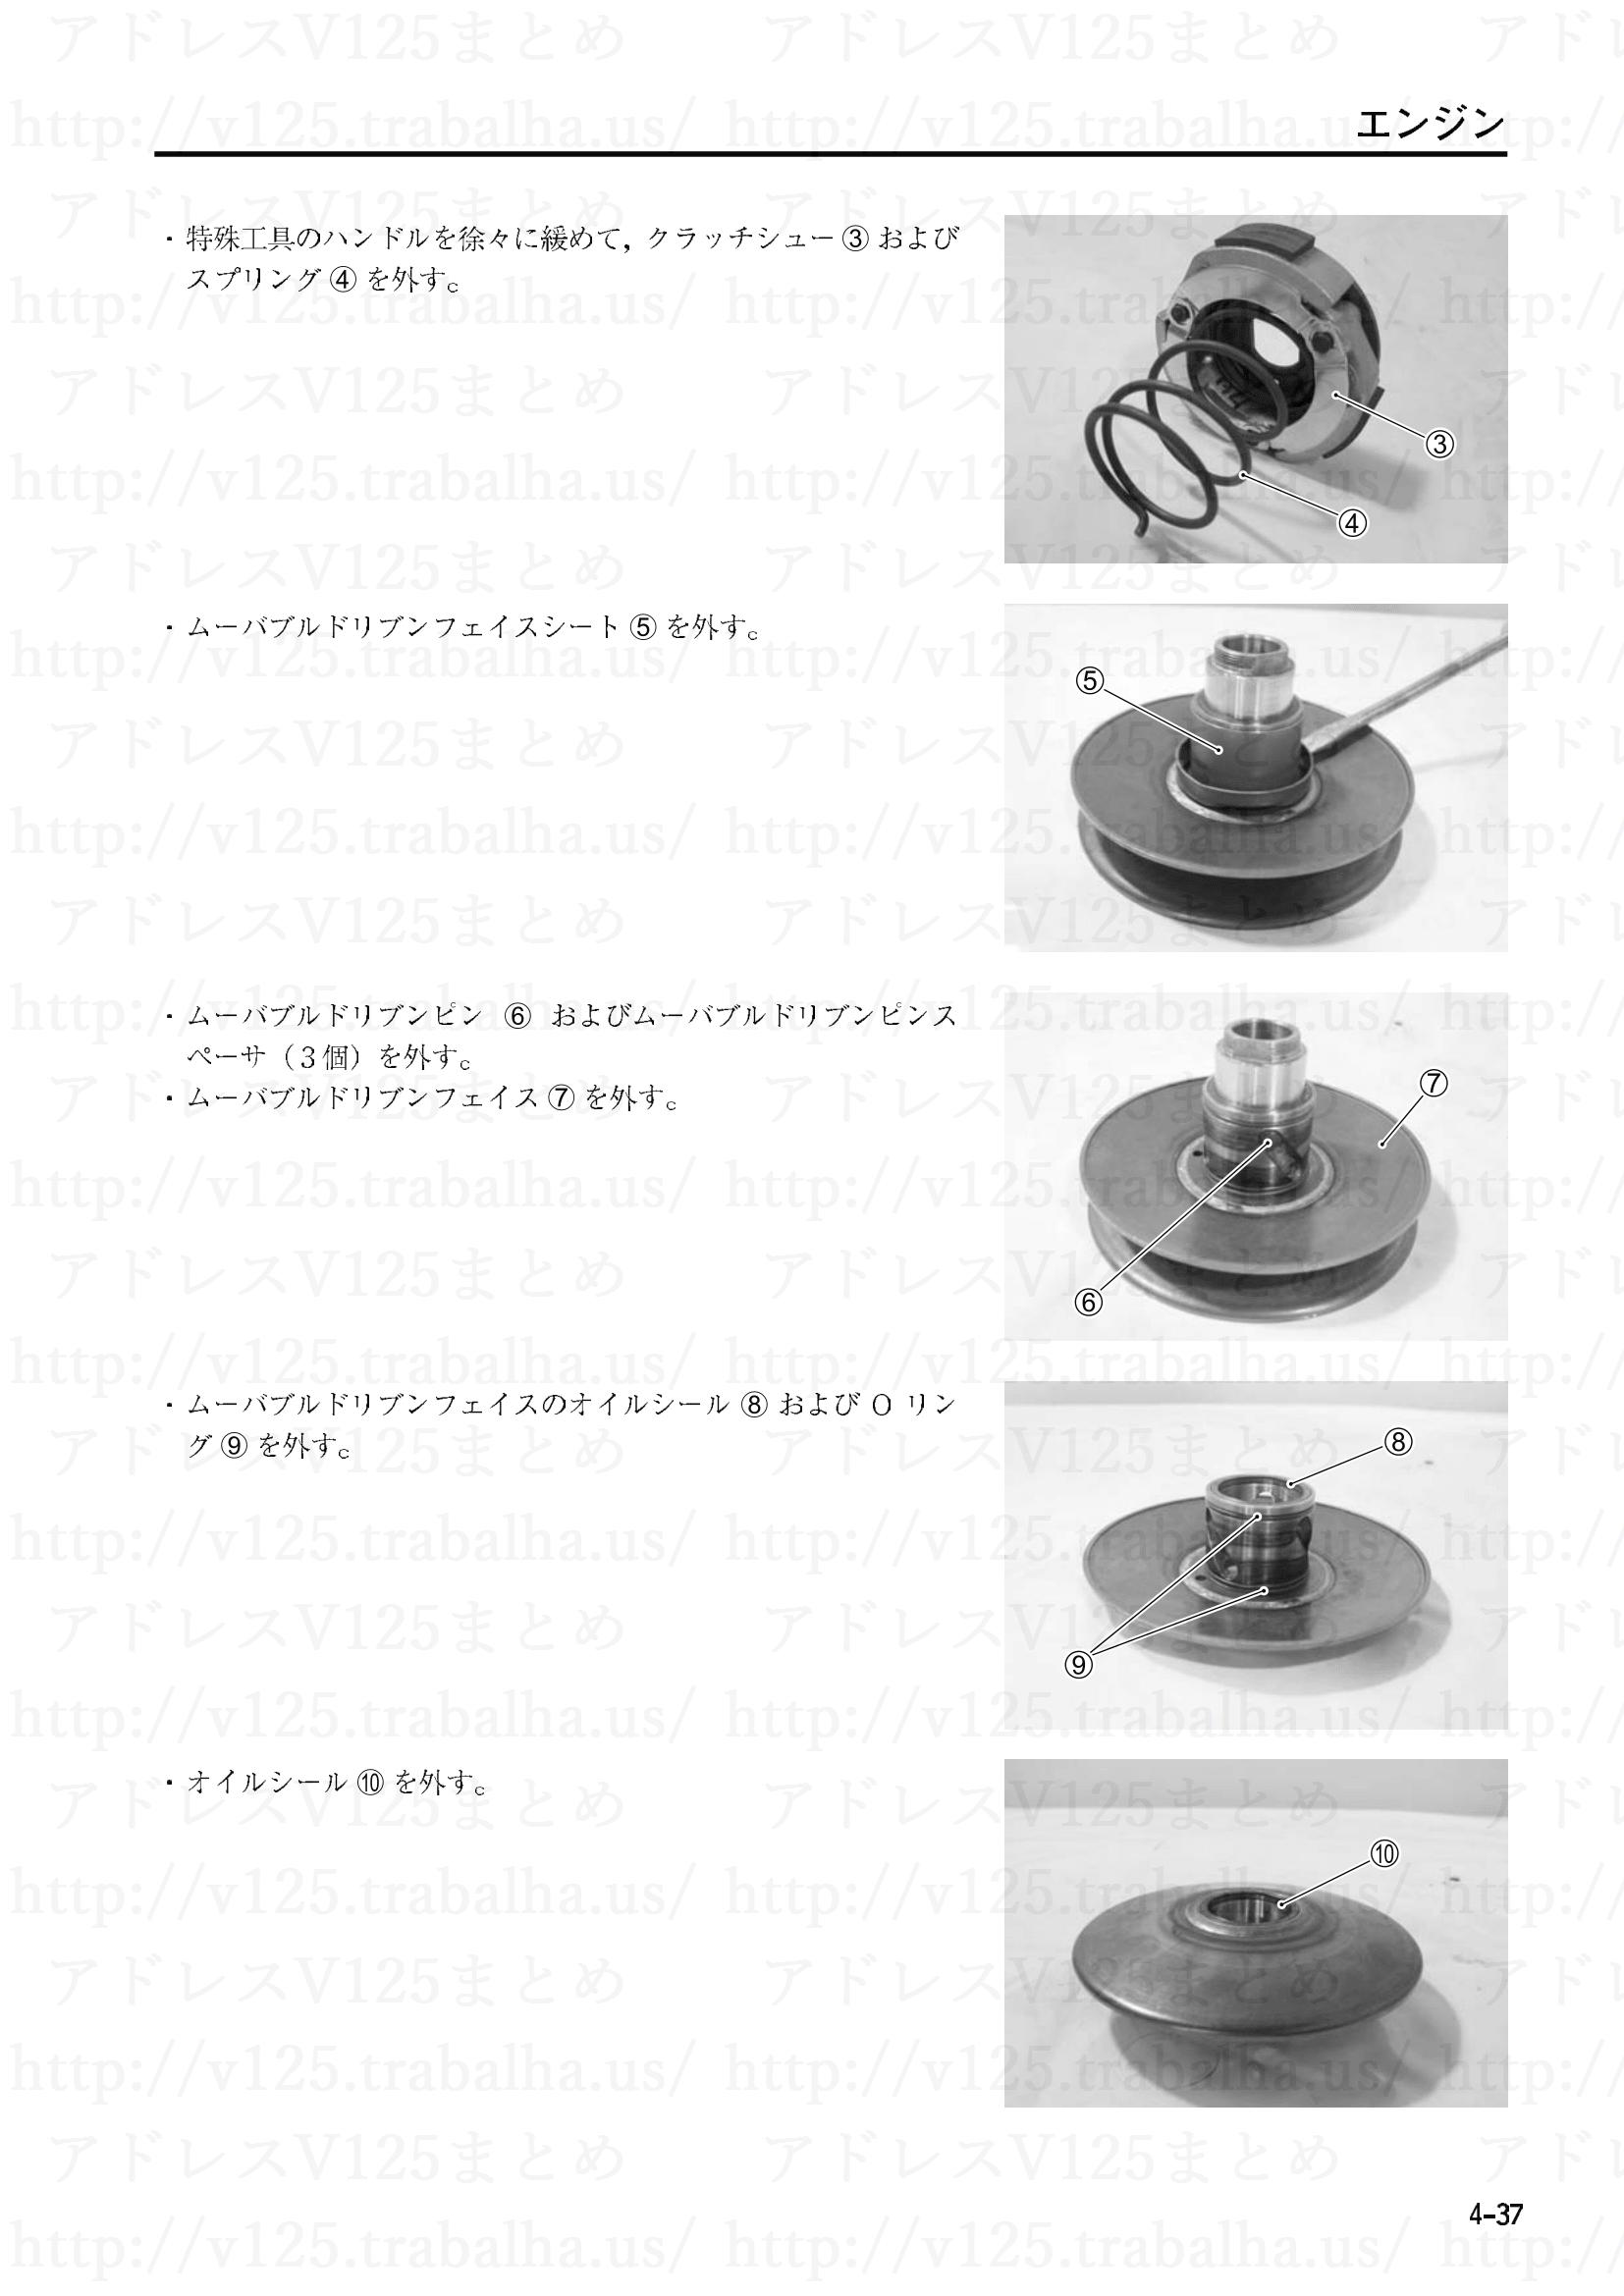 4-37【エンジン】エンジン部組部品の点検15